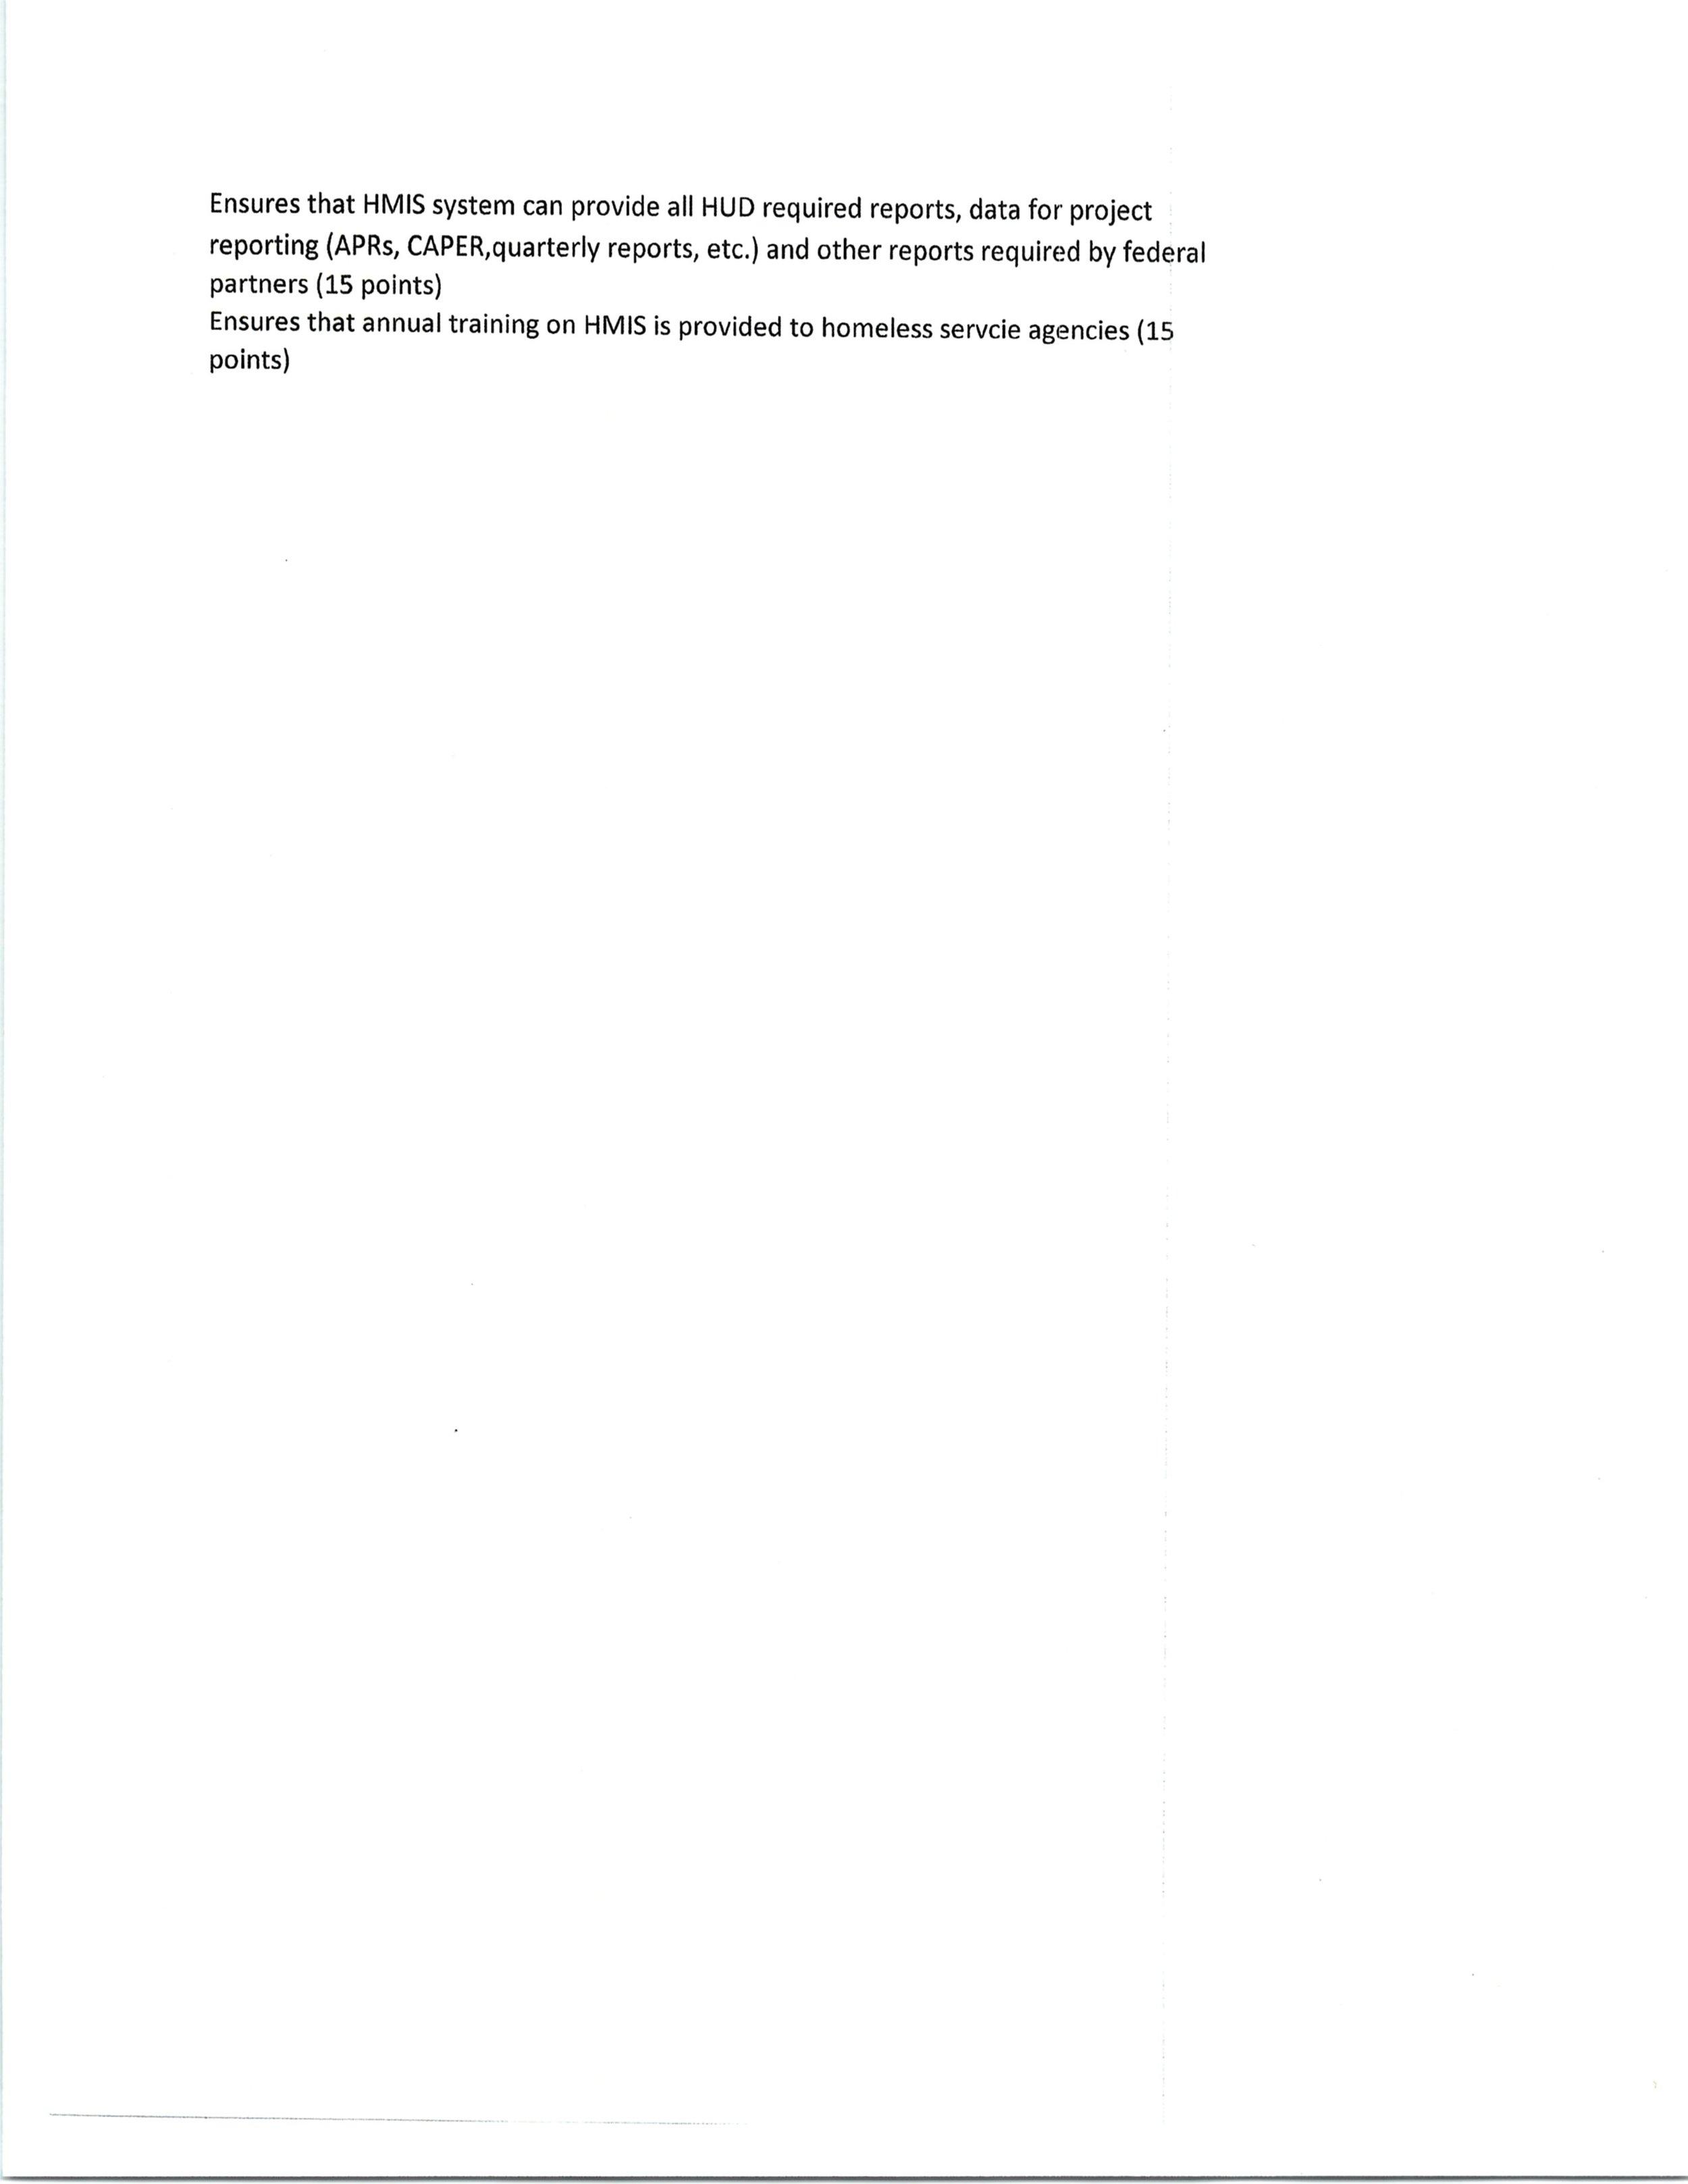 2019 NOFA Screening Tool  (13).jpg